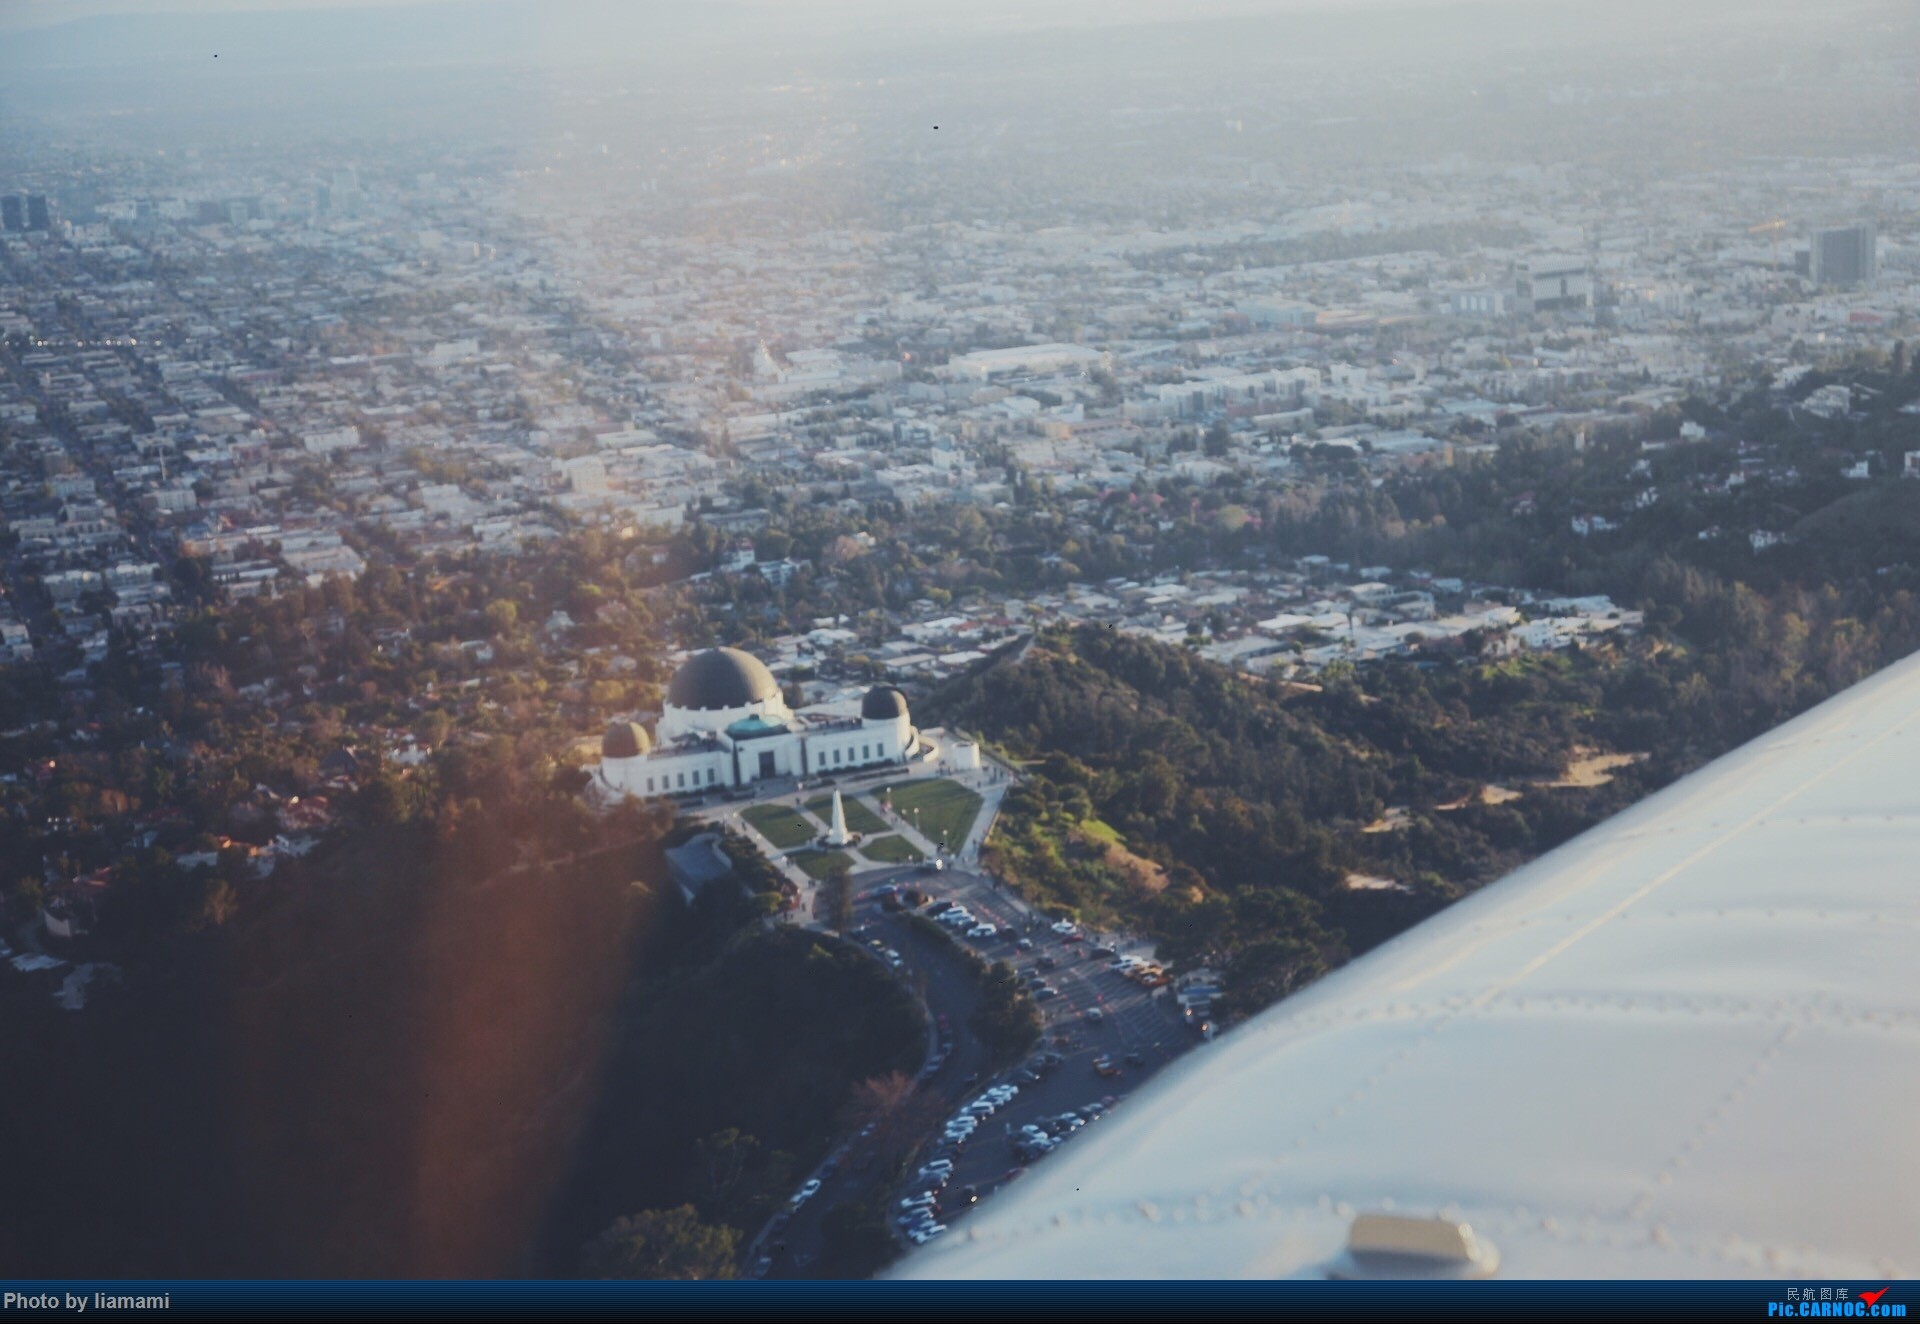 Re:[原创]LIAM壮游录:2018春节东航新773旗舰商务舱上海-洛杉矶-拉斯维加斯-墨西哥之旅(附加洛杉矶开飞机自己当飞行员)